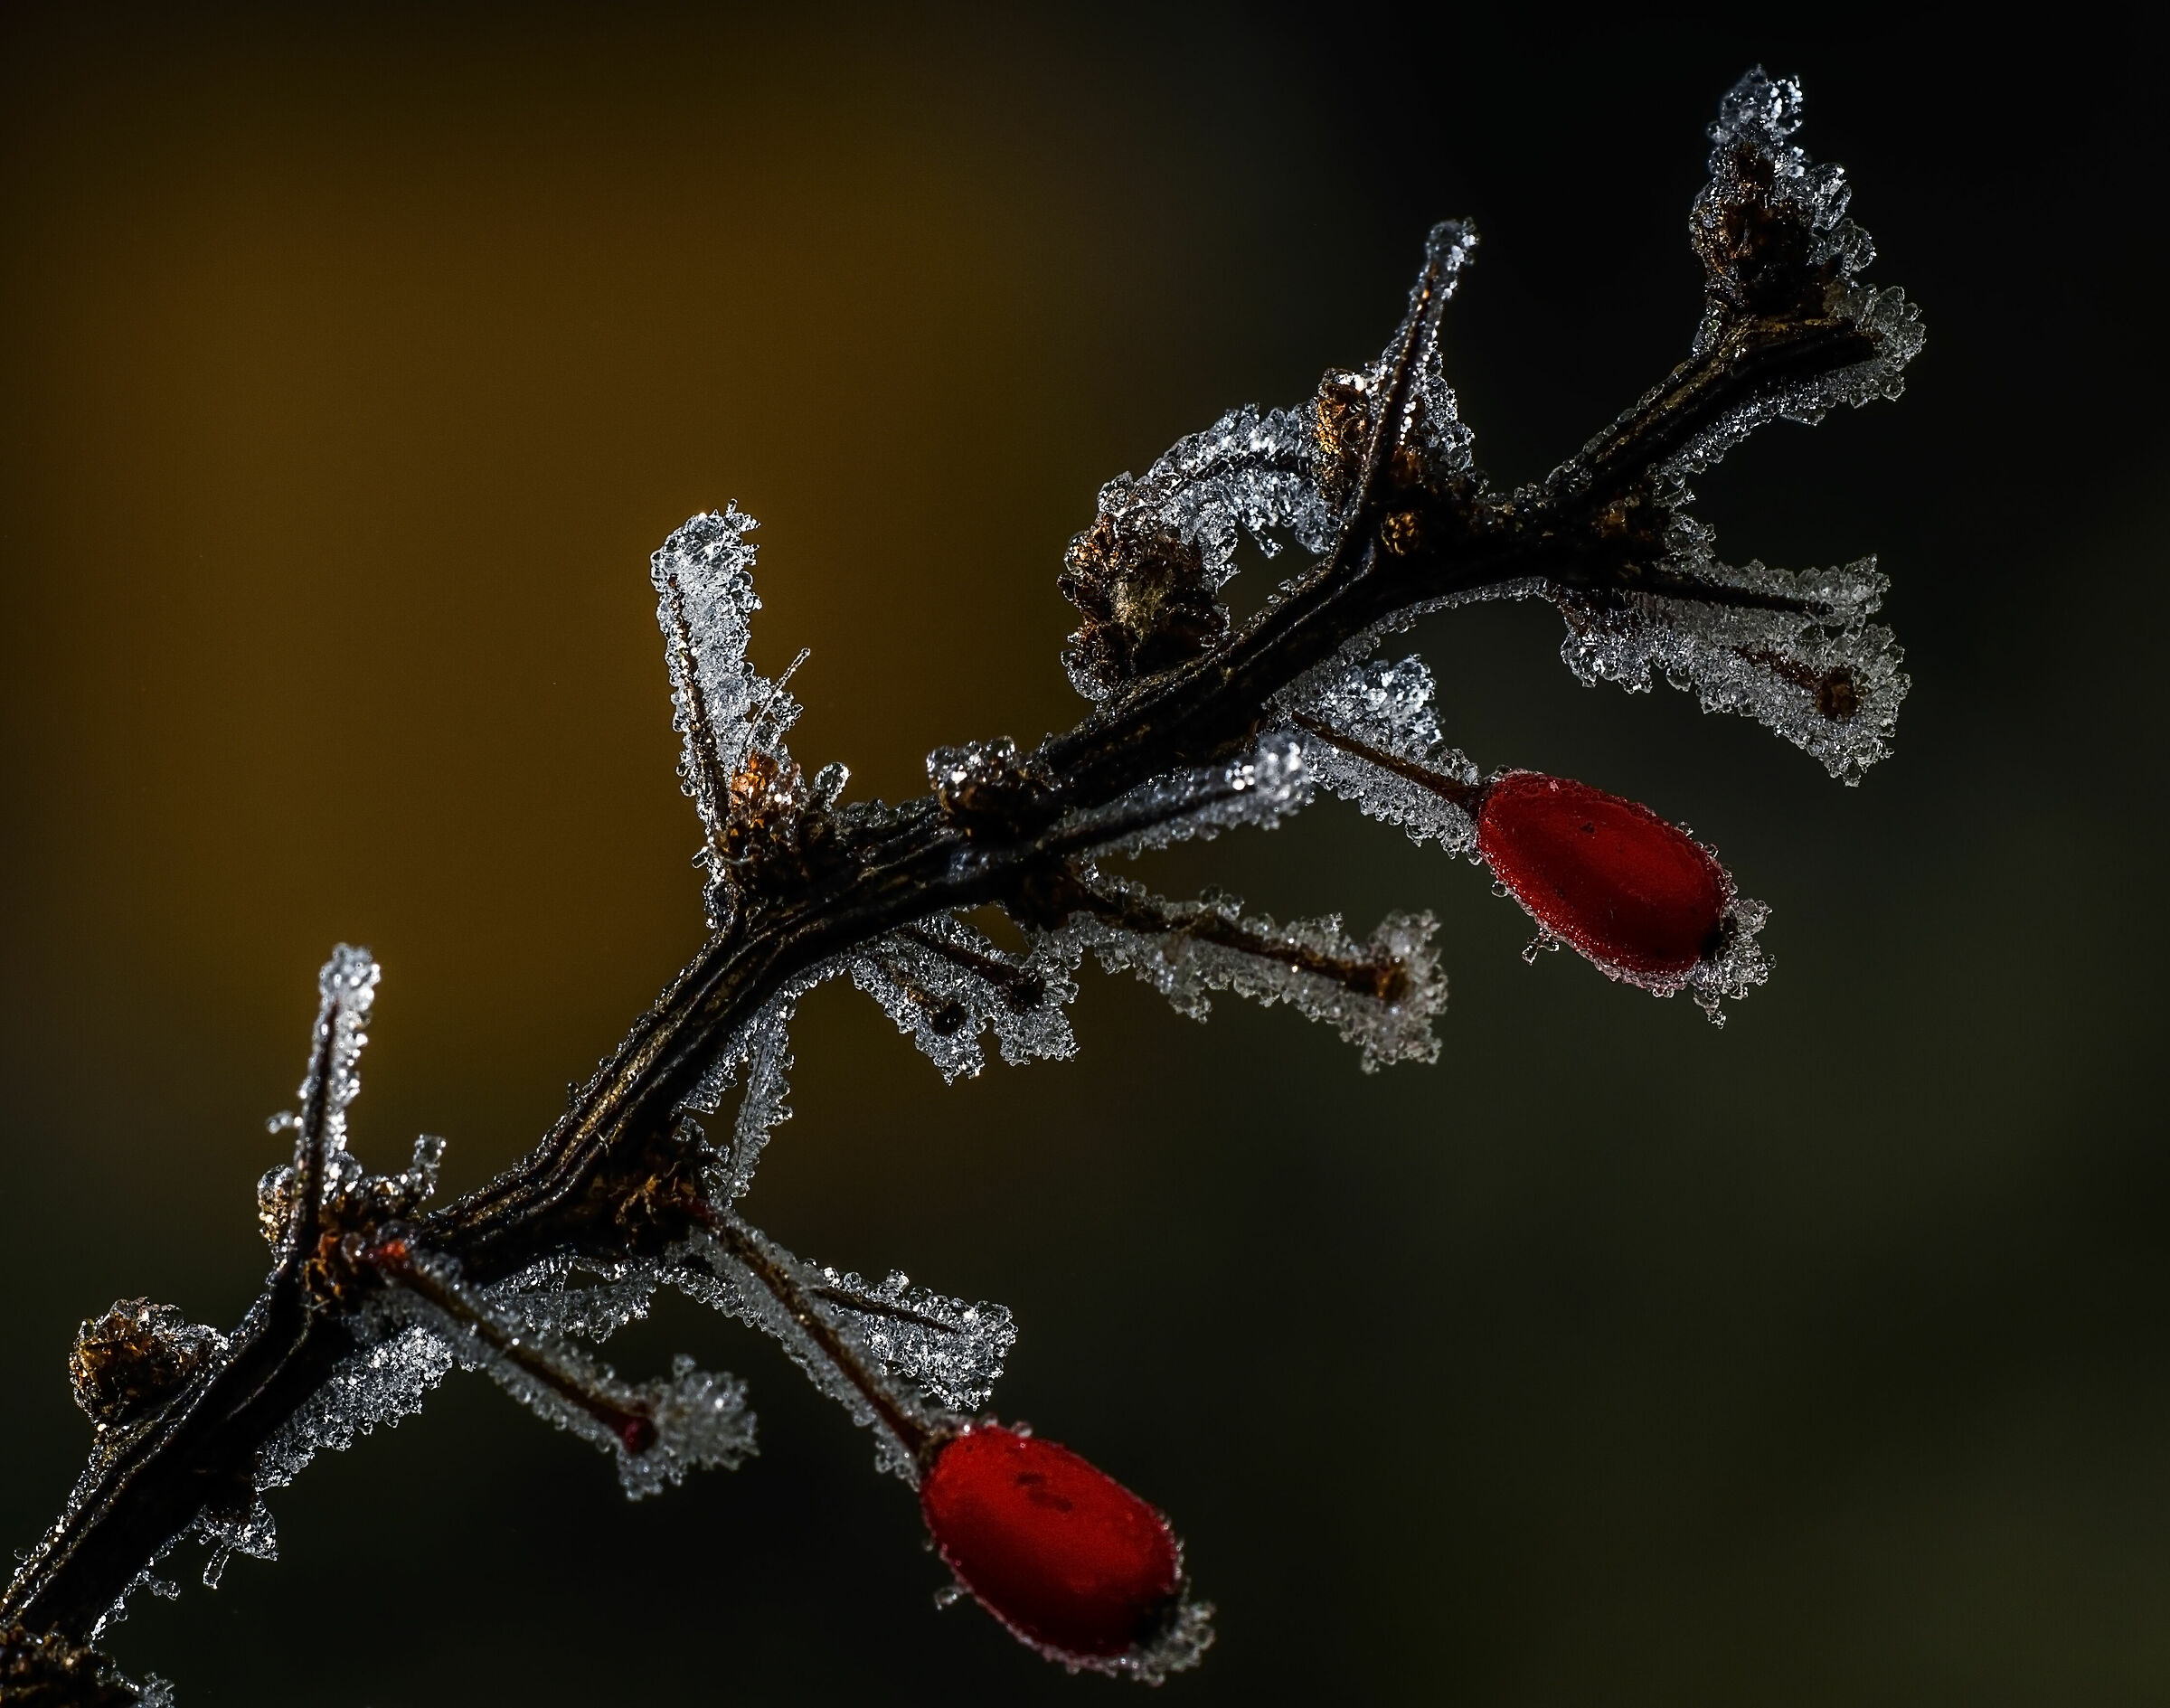 Crystalline...